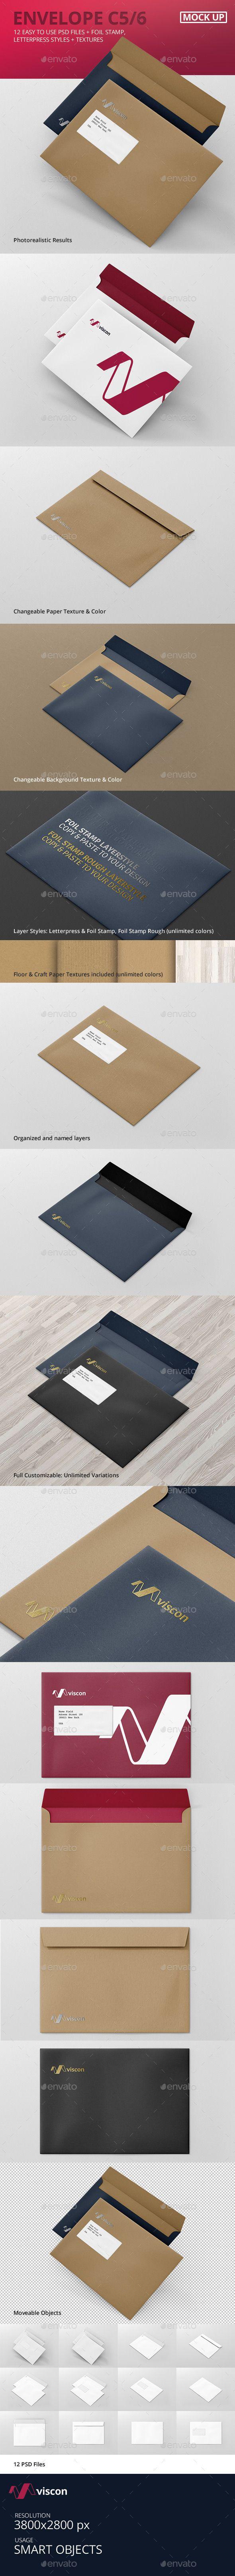 Envelope C5 Mock-Up (Stationery)